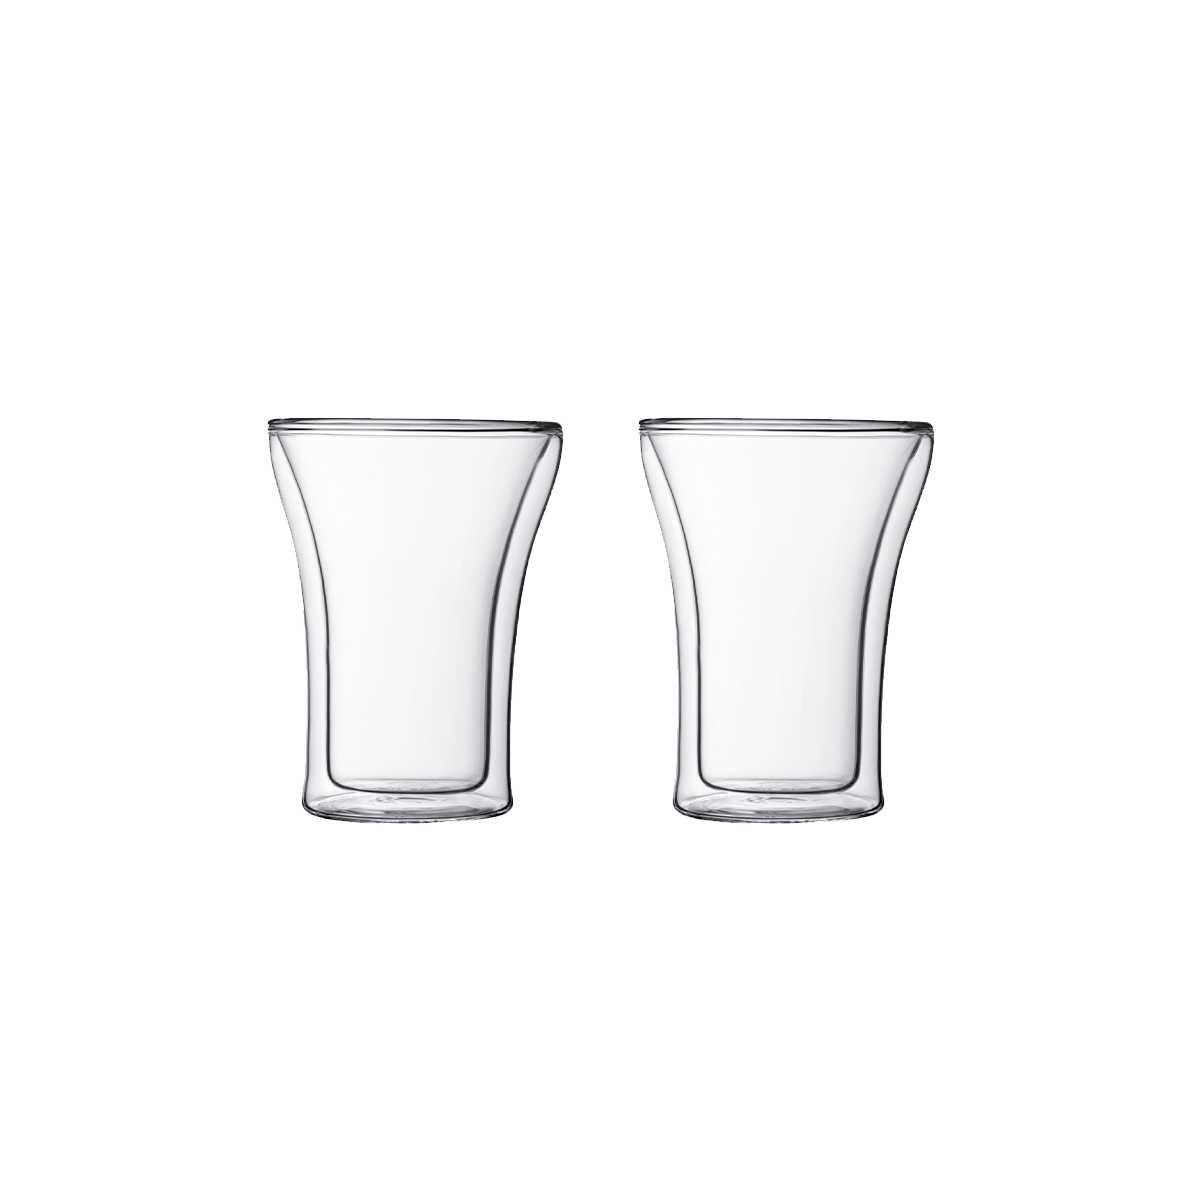 Онлайн каталог PROMENU: Набор термо-стаканов 0,25 л, 2 шт Bodum Assam  (4556-10) Bodum 4556-10